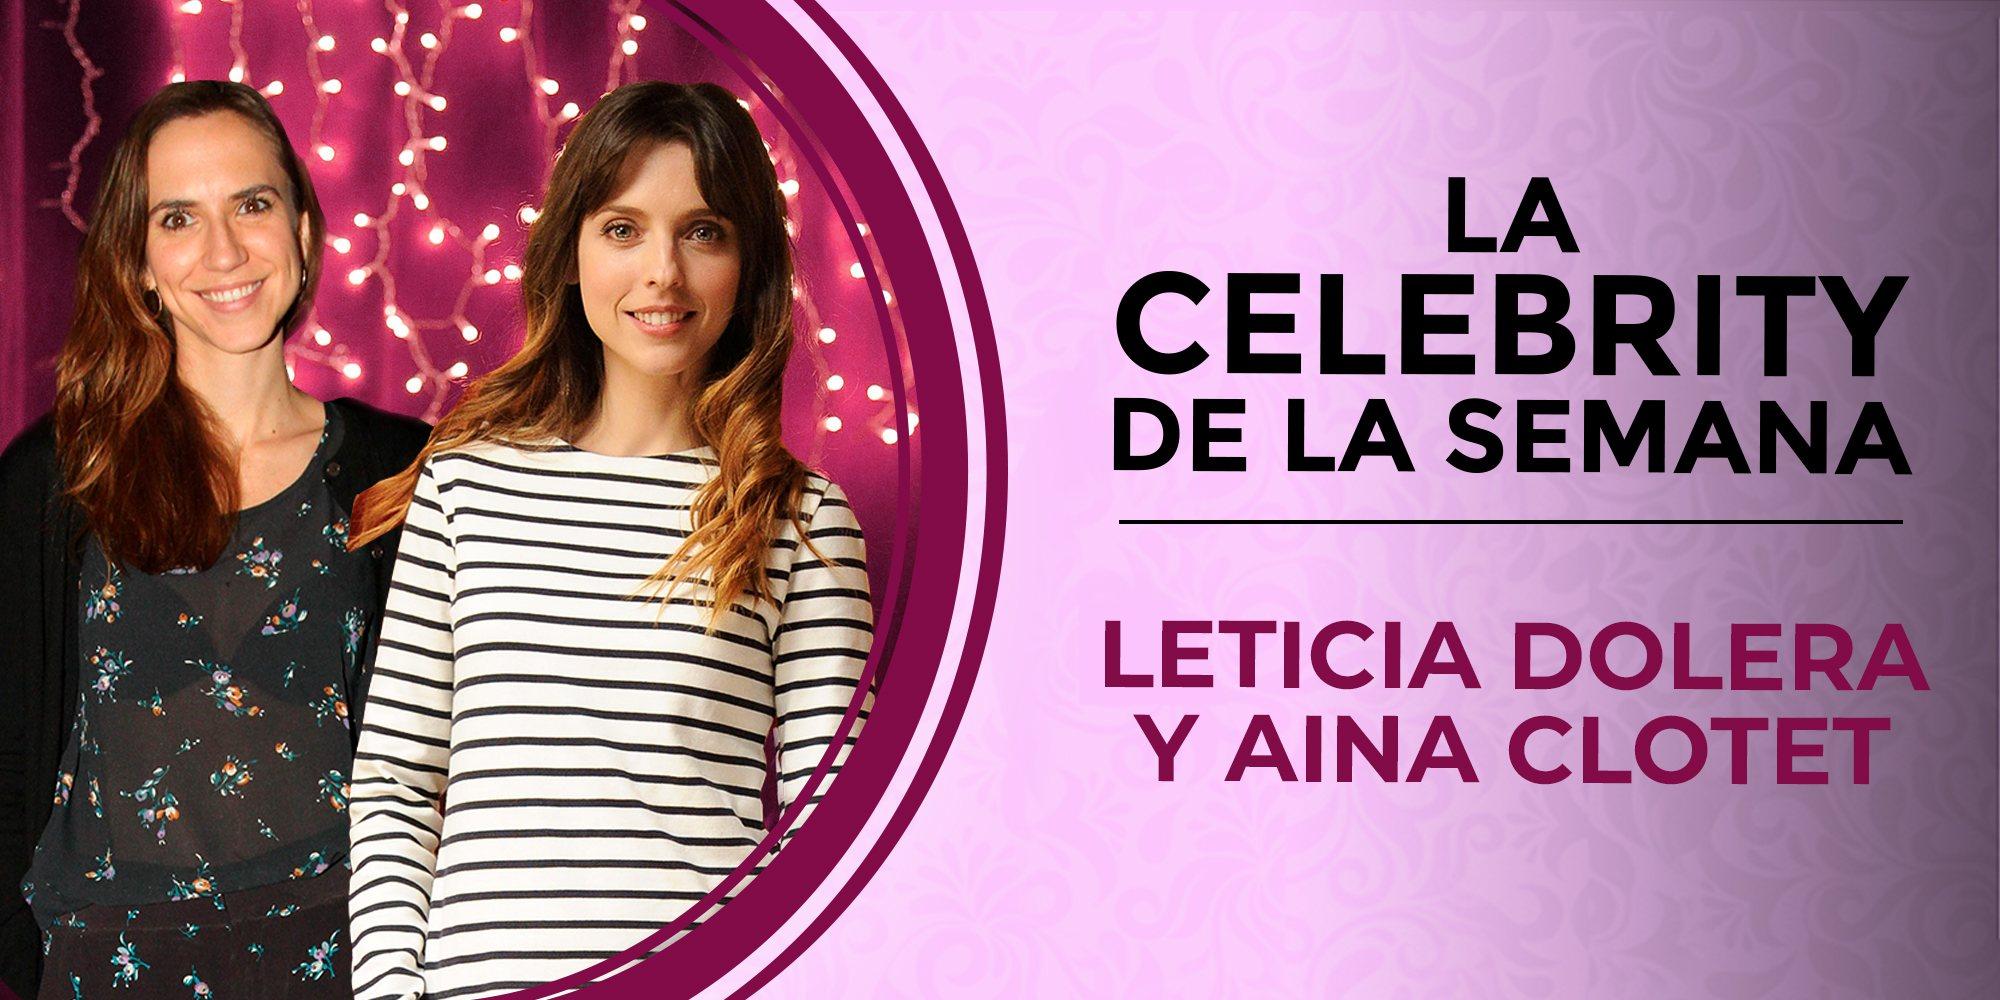 Leticia Dolera y Aina Clotet, las celebs de la semana tras el polémico despido